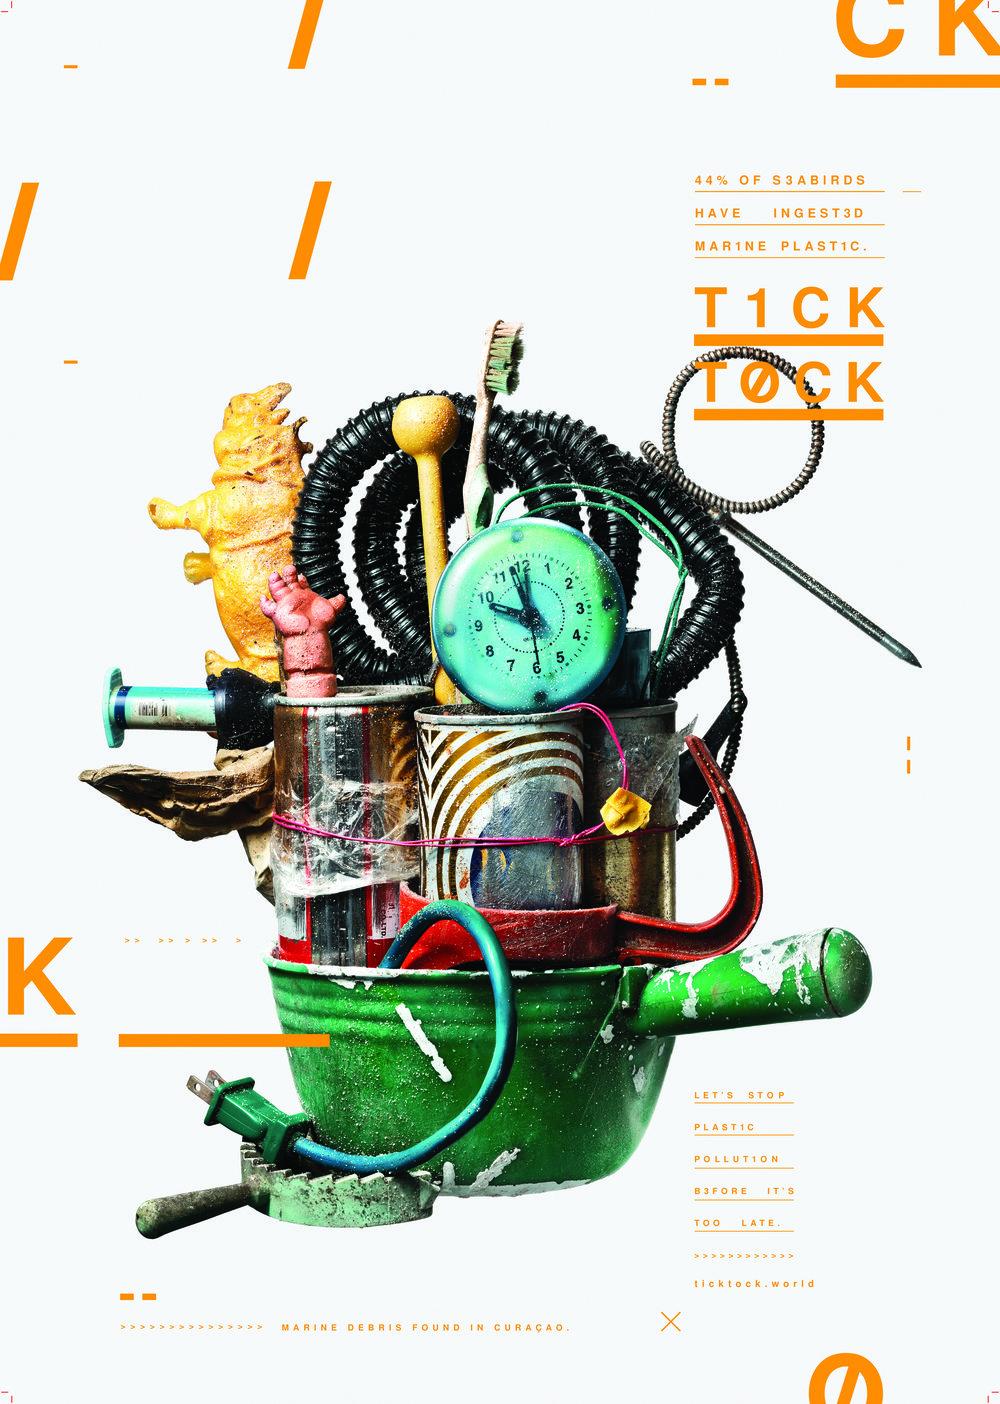 TICKTOCK_CURACAO.jpg